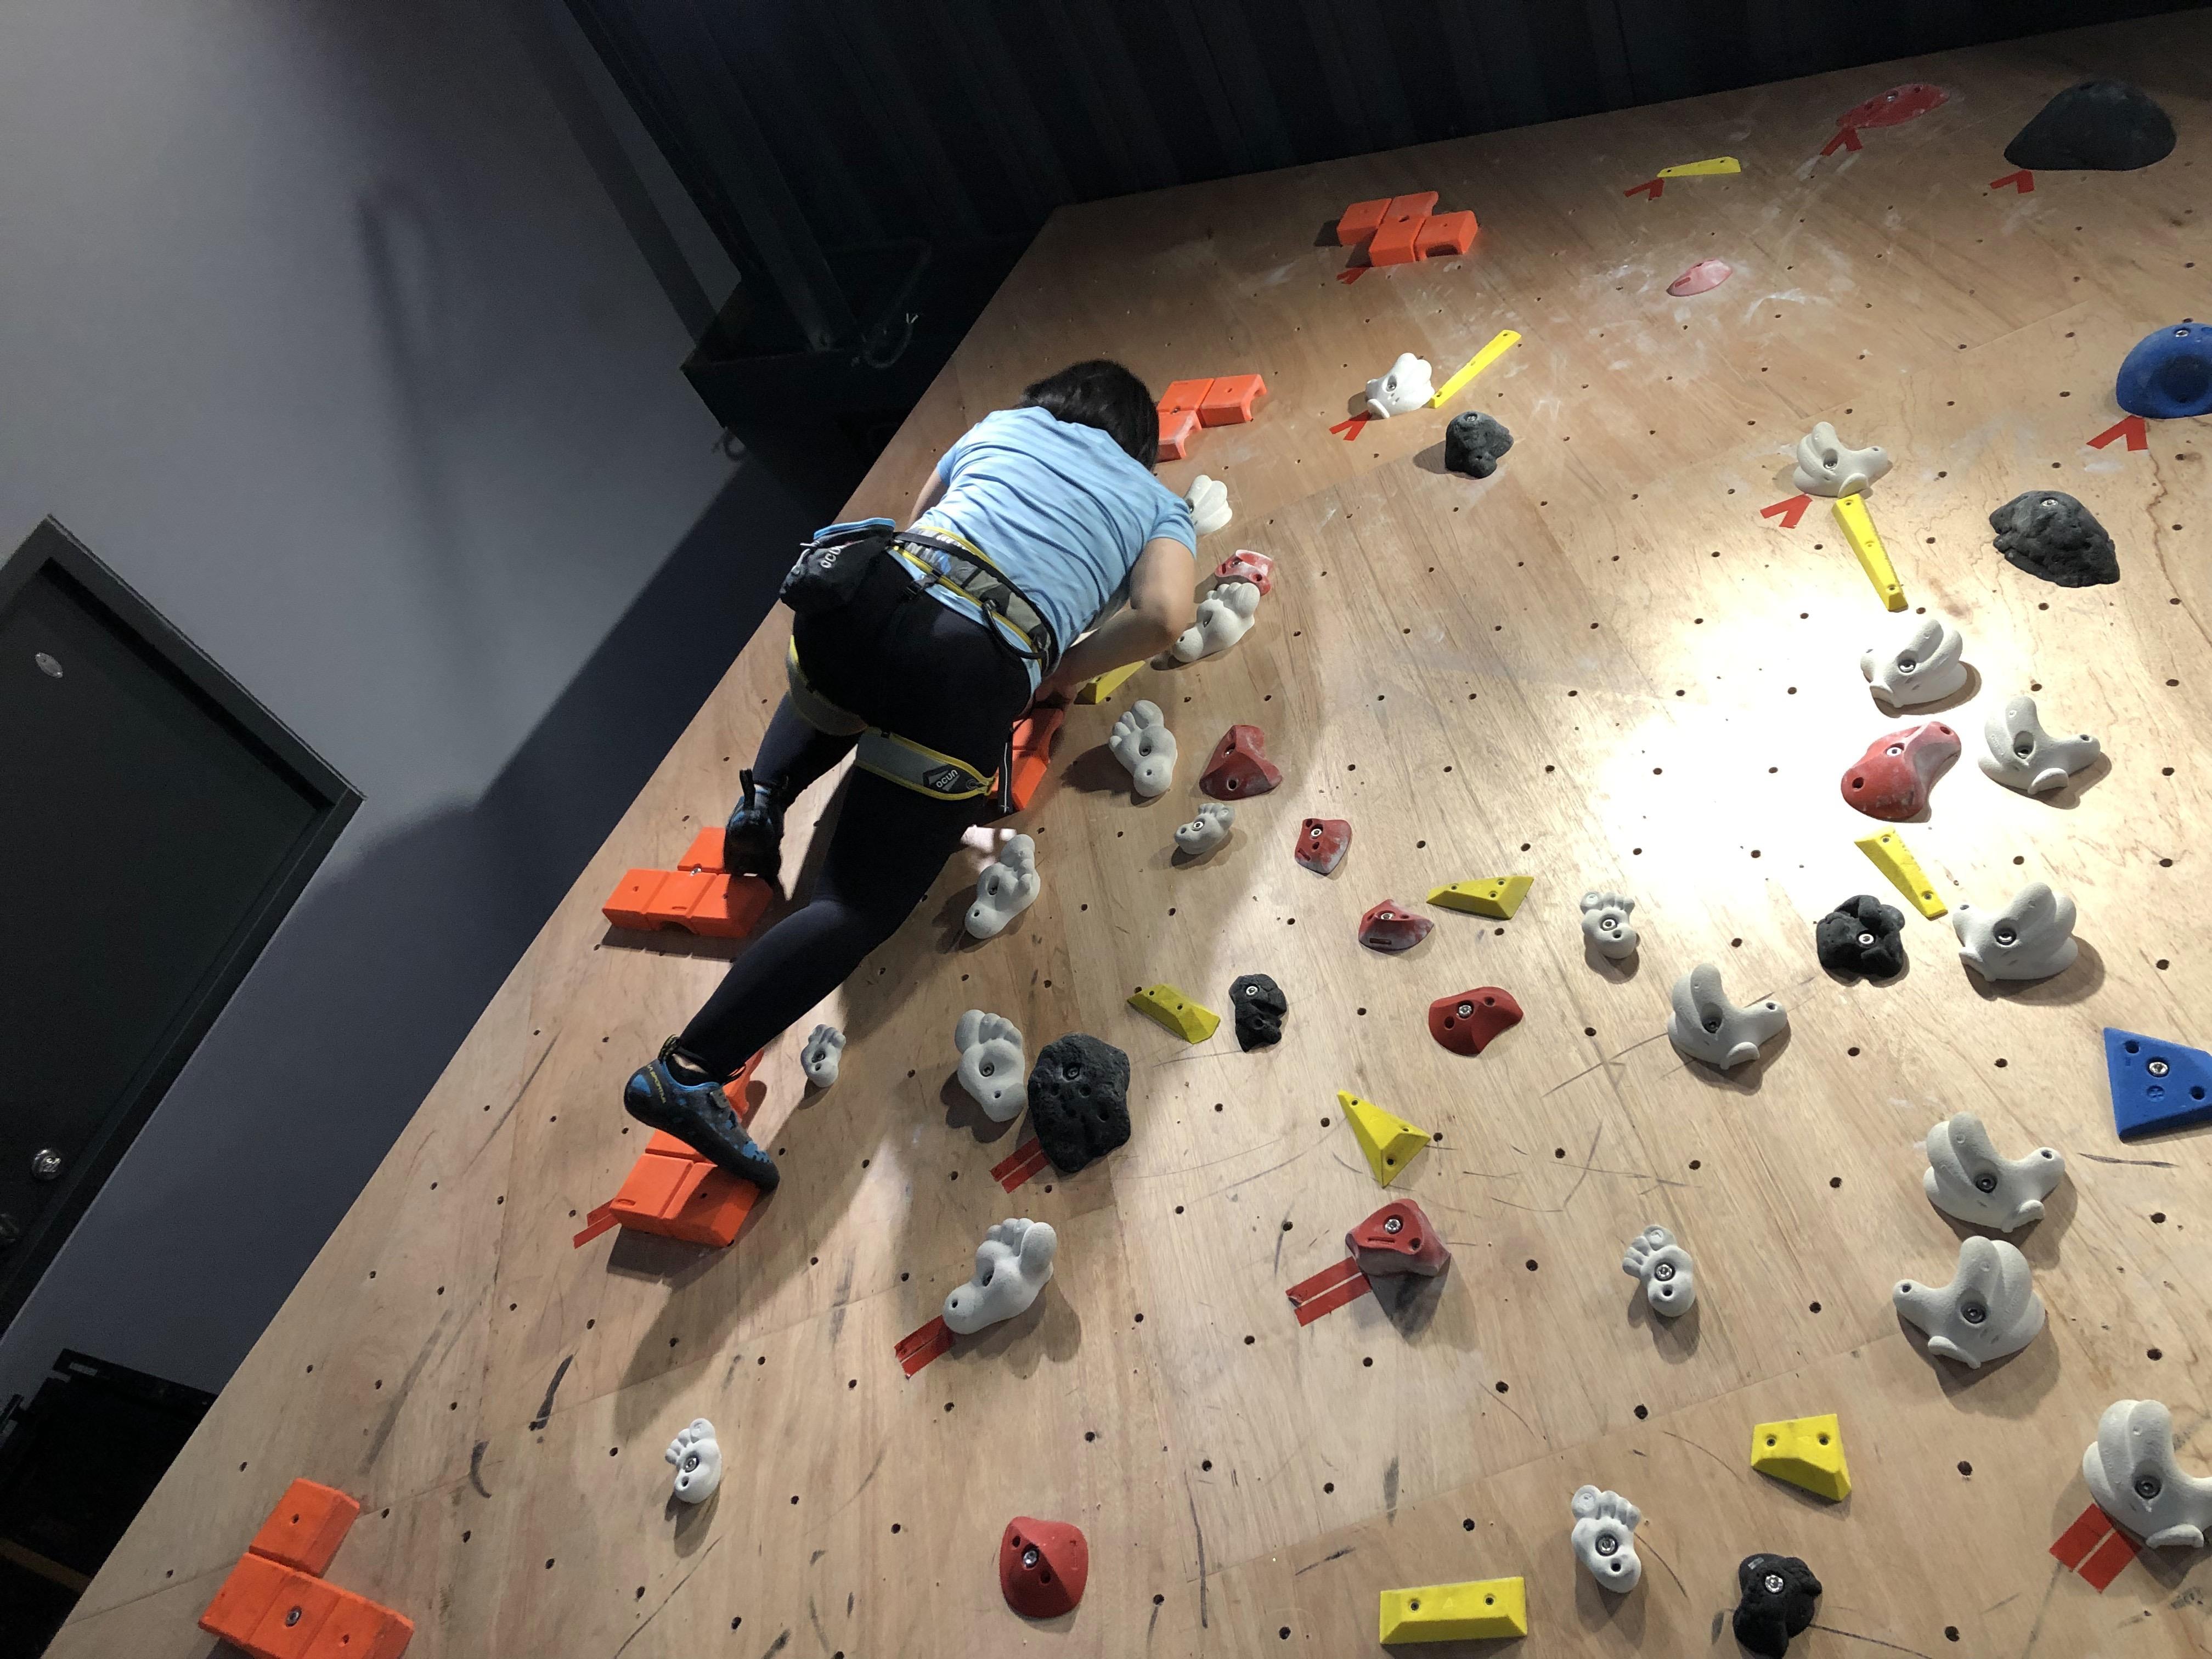 【好玩地點】 假日帶媽媽去哪玩?室內攀岩初體驗 台中Dapro室內攀岩場(教練確保50分鐘) 6